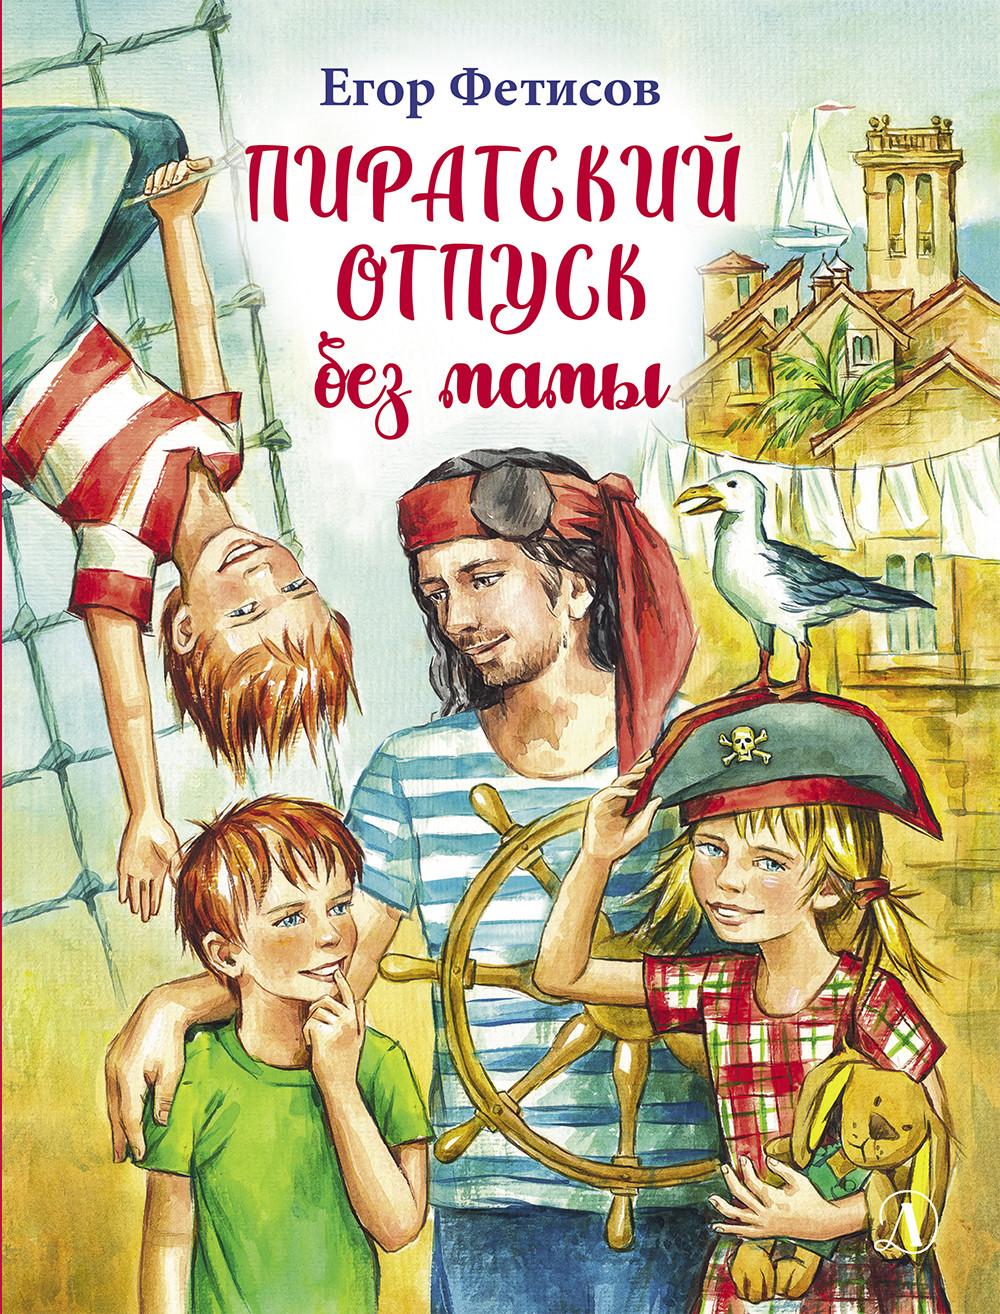 Пиратский отпуск без мамы